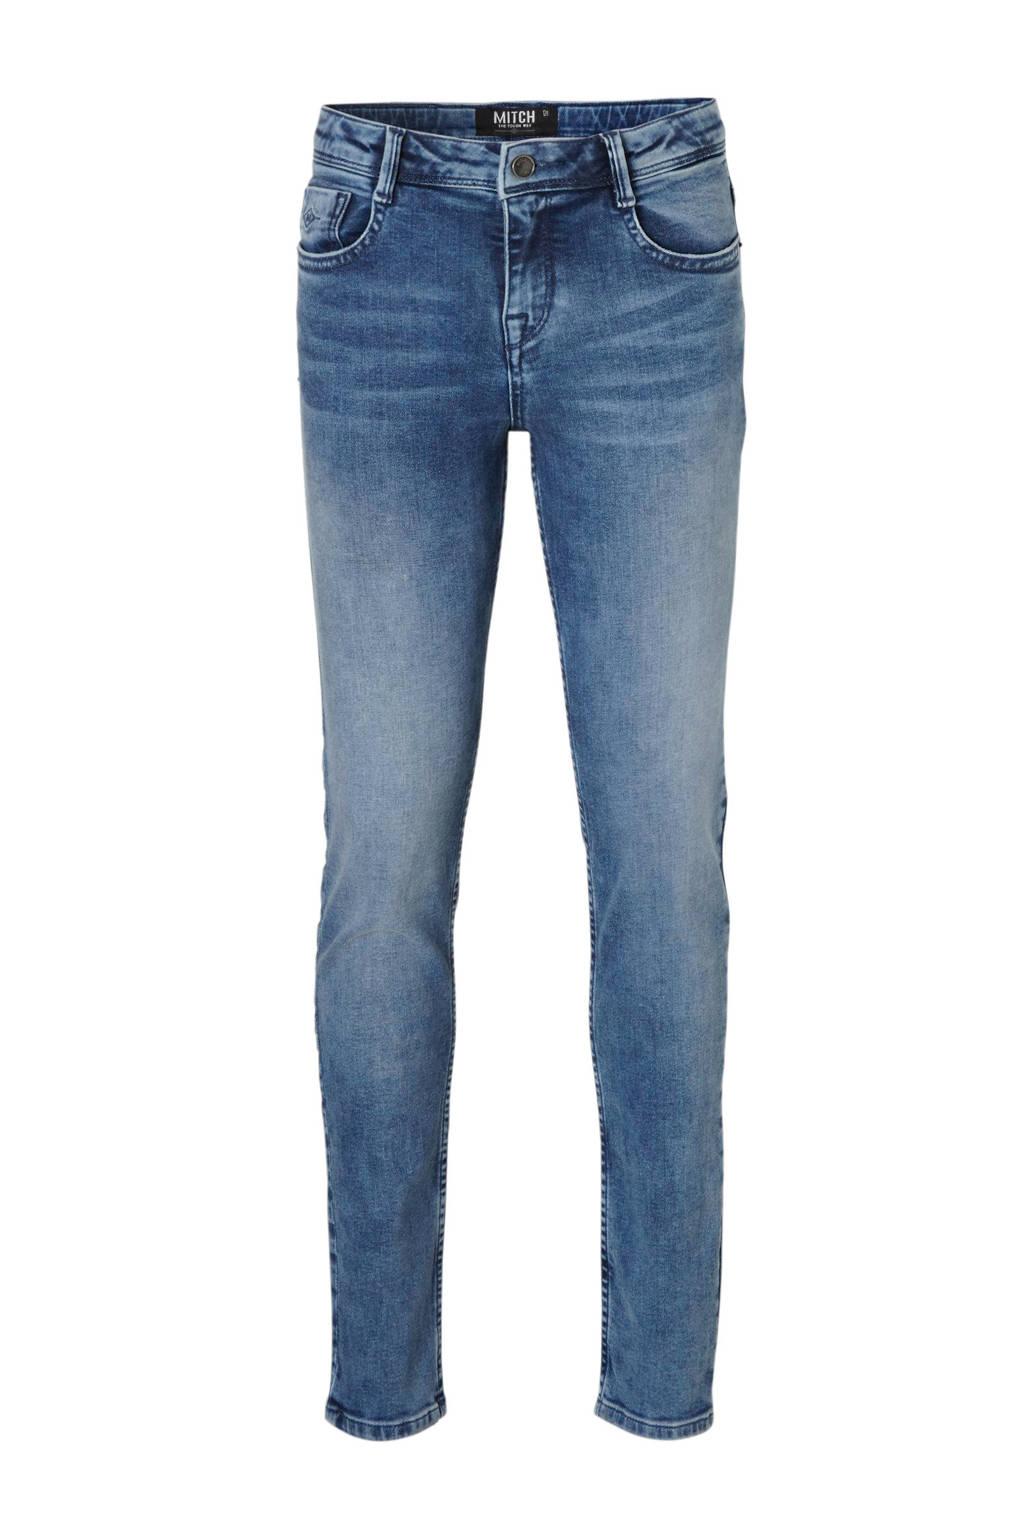 Mitch regular fit jeans Ocean, Blauw